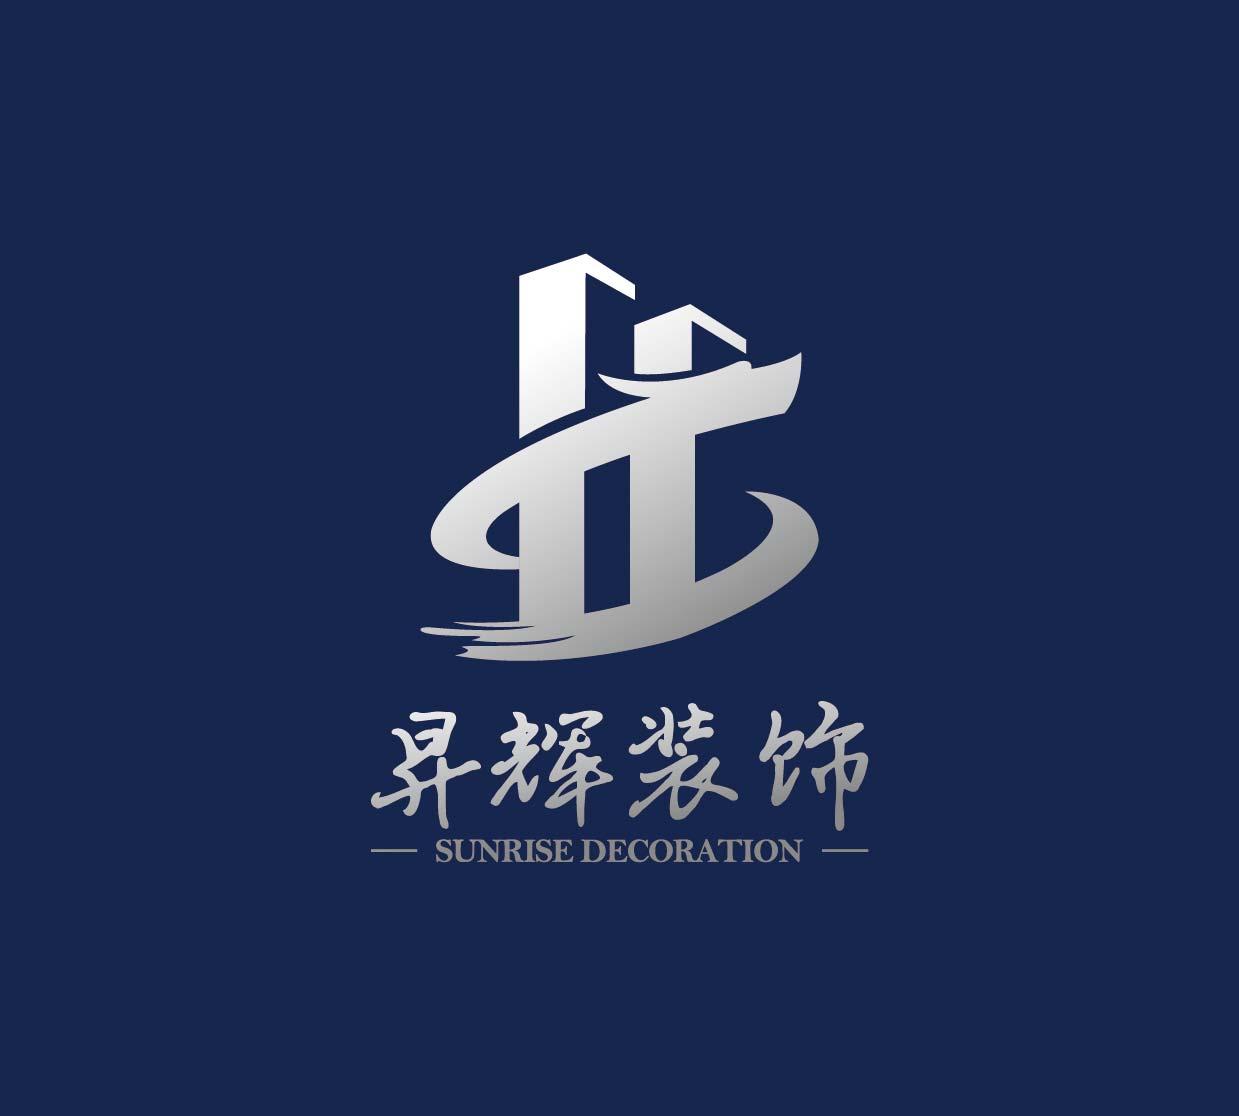 广州昇辉装饰设计有限公司